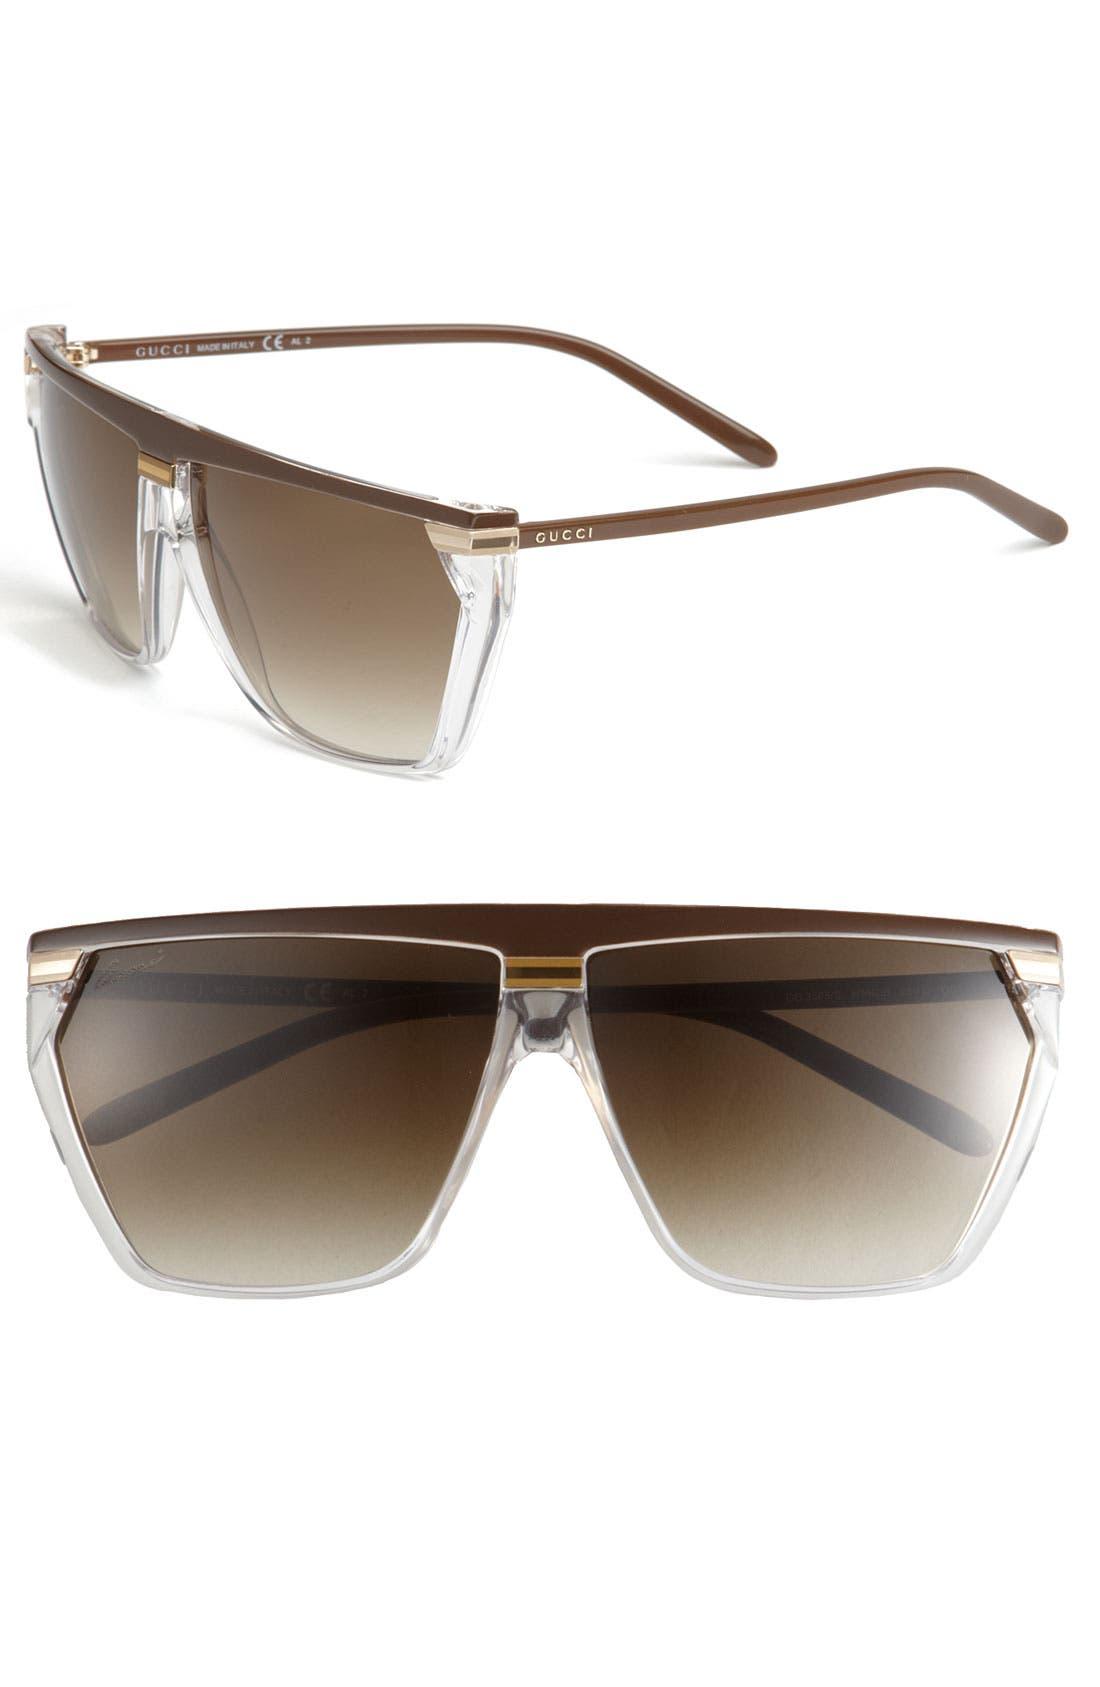 Main Image - Gucci Retro Sunglasses